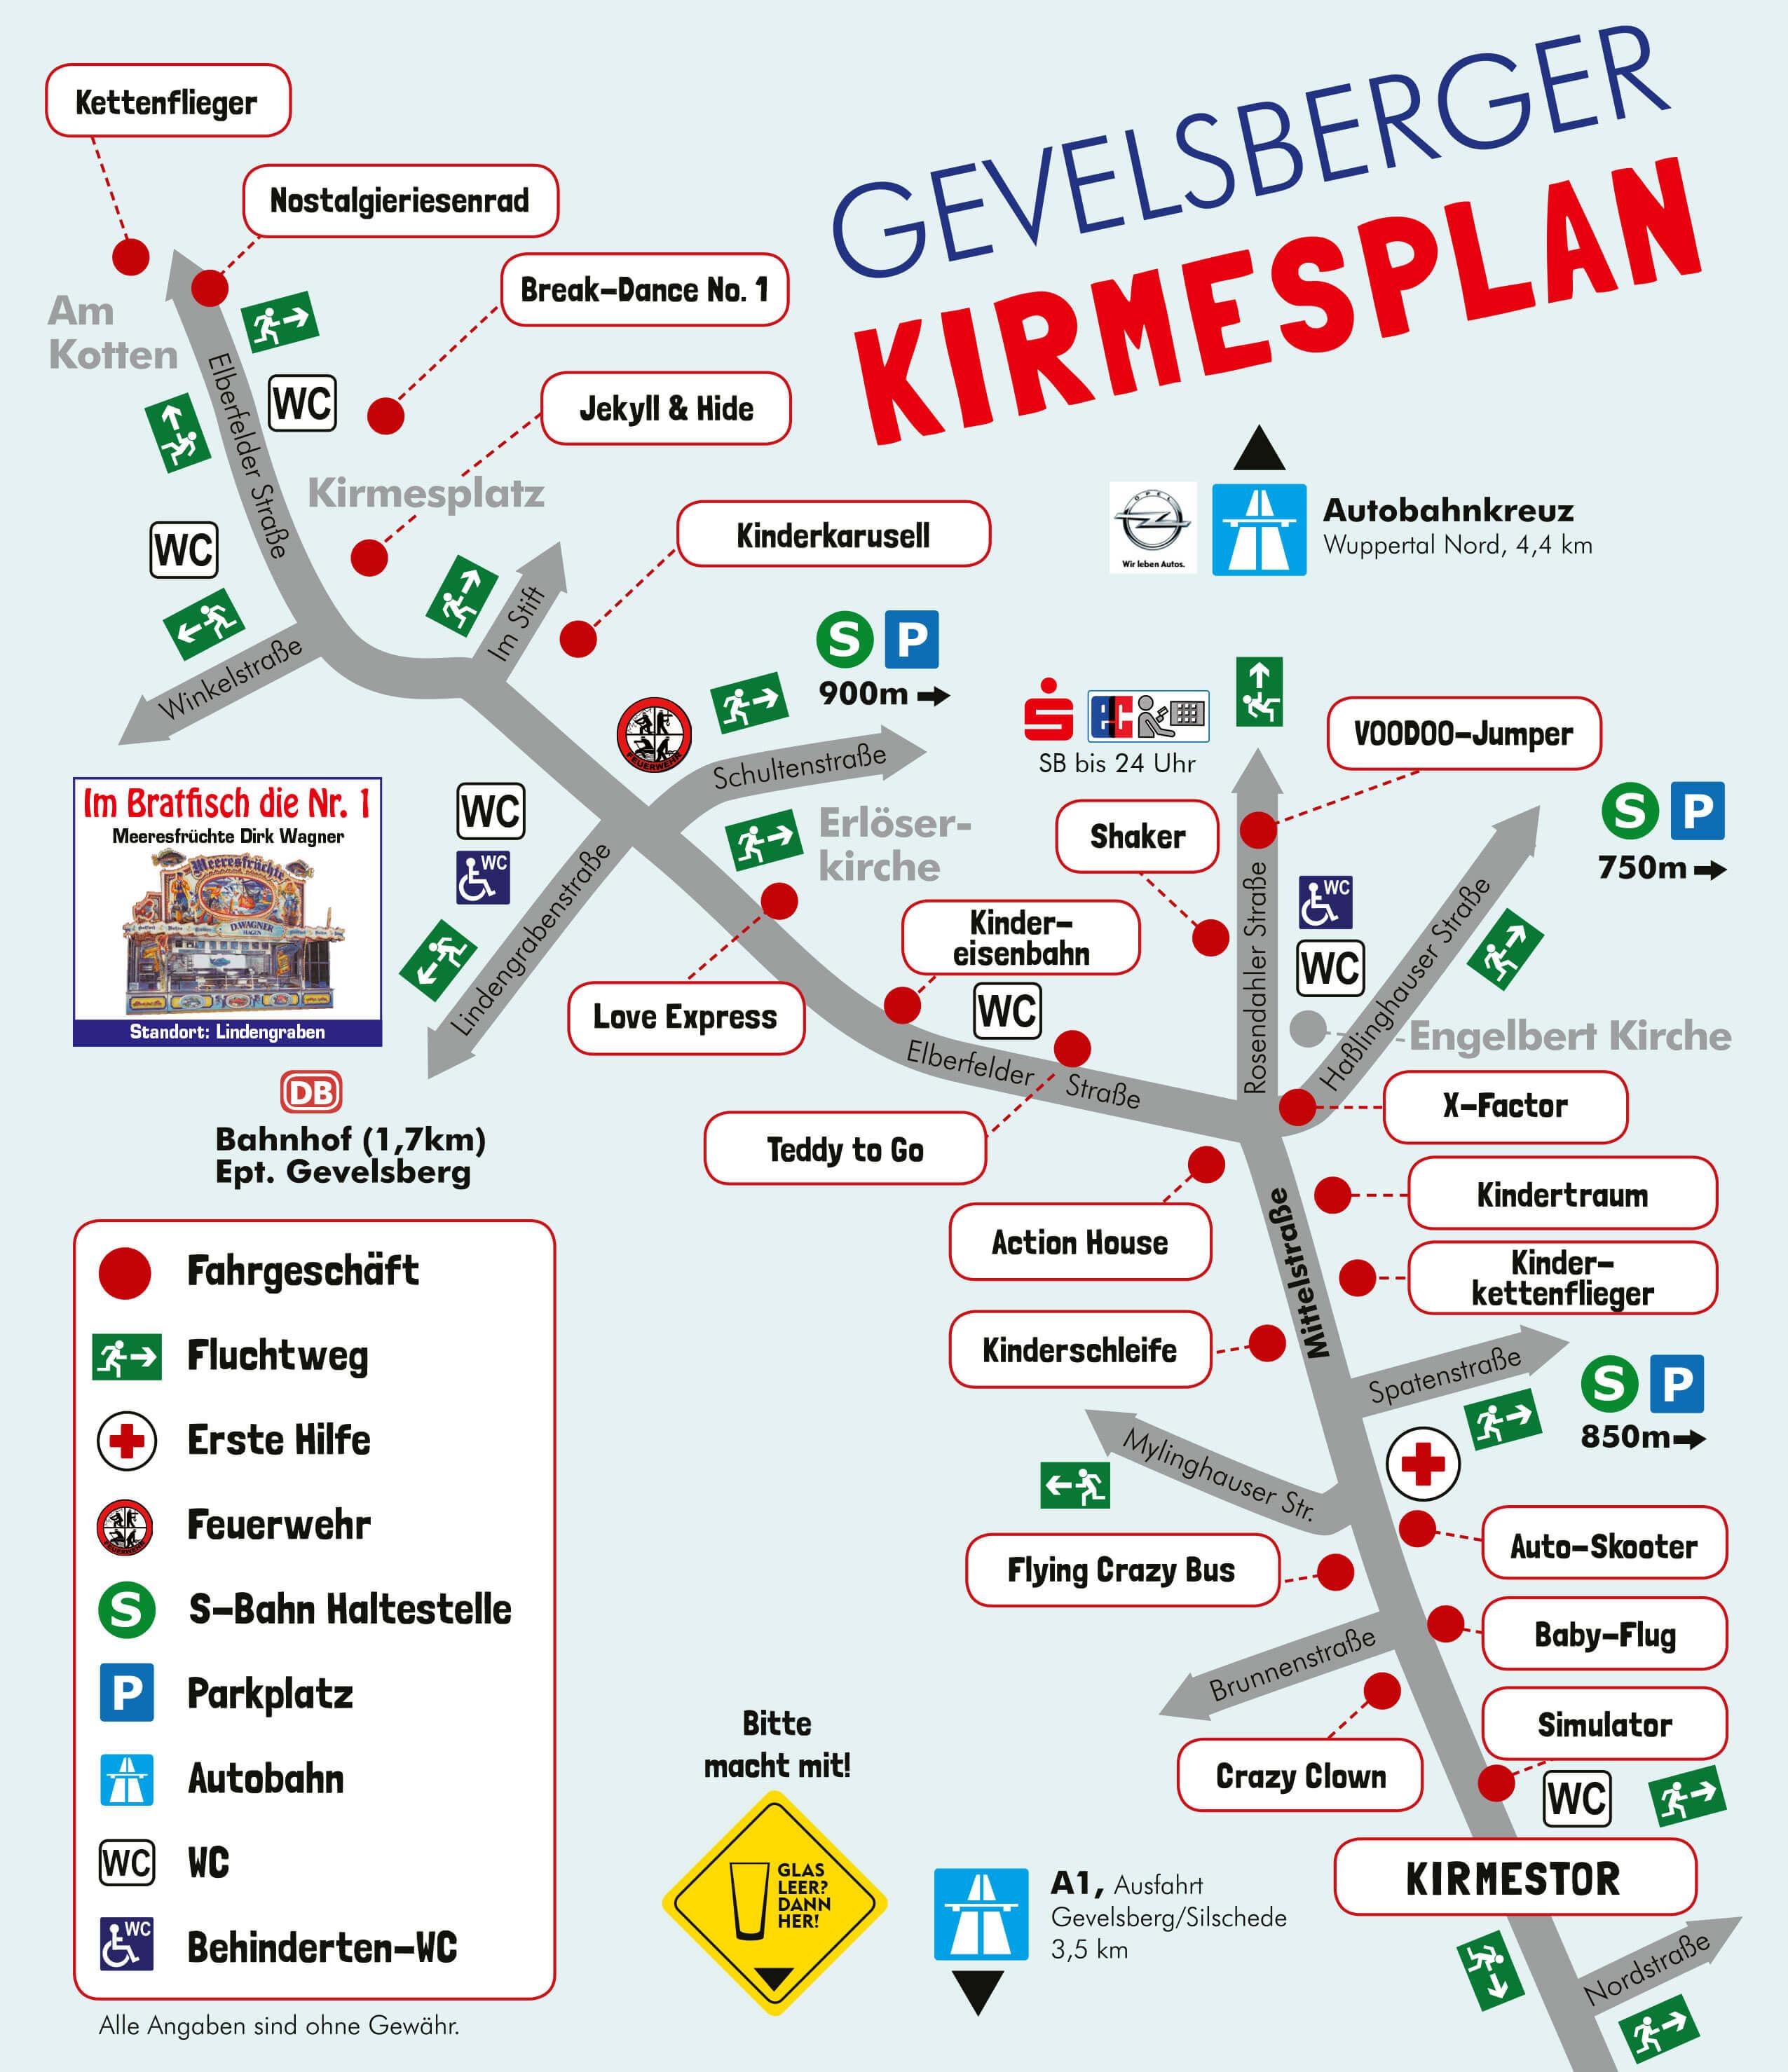 Der Plan zur Gevelsberger Kirmes 2019 | Fahrgeschäfte und mehr | schraegekirmes.de